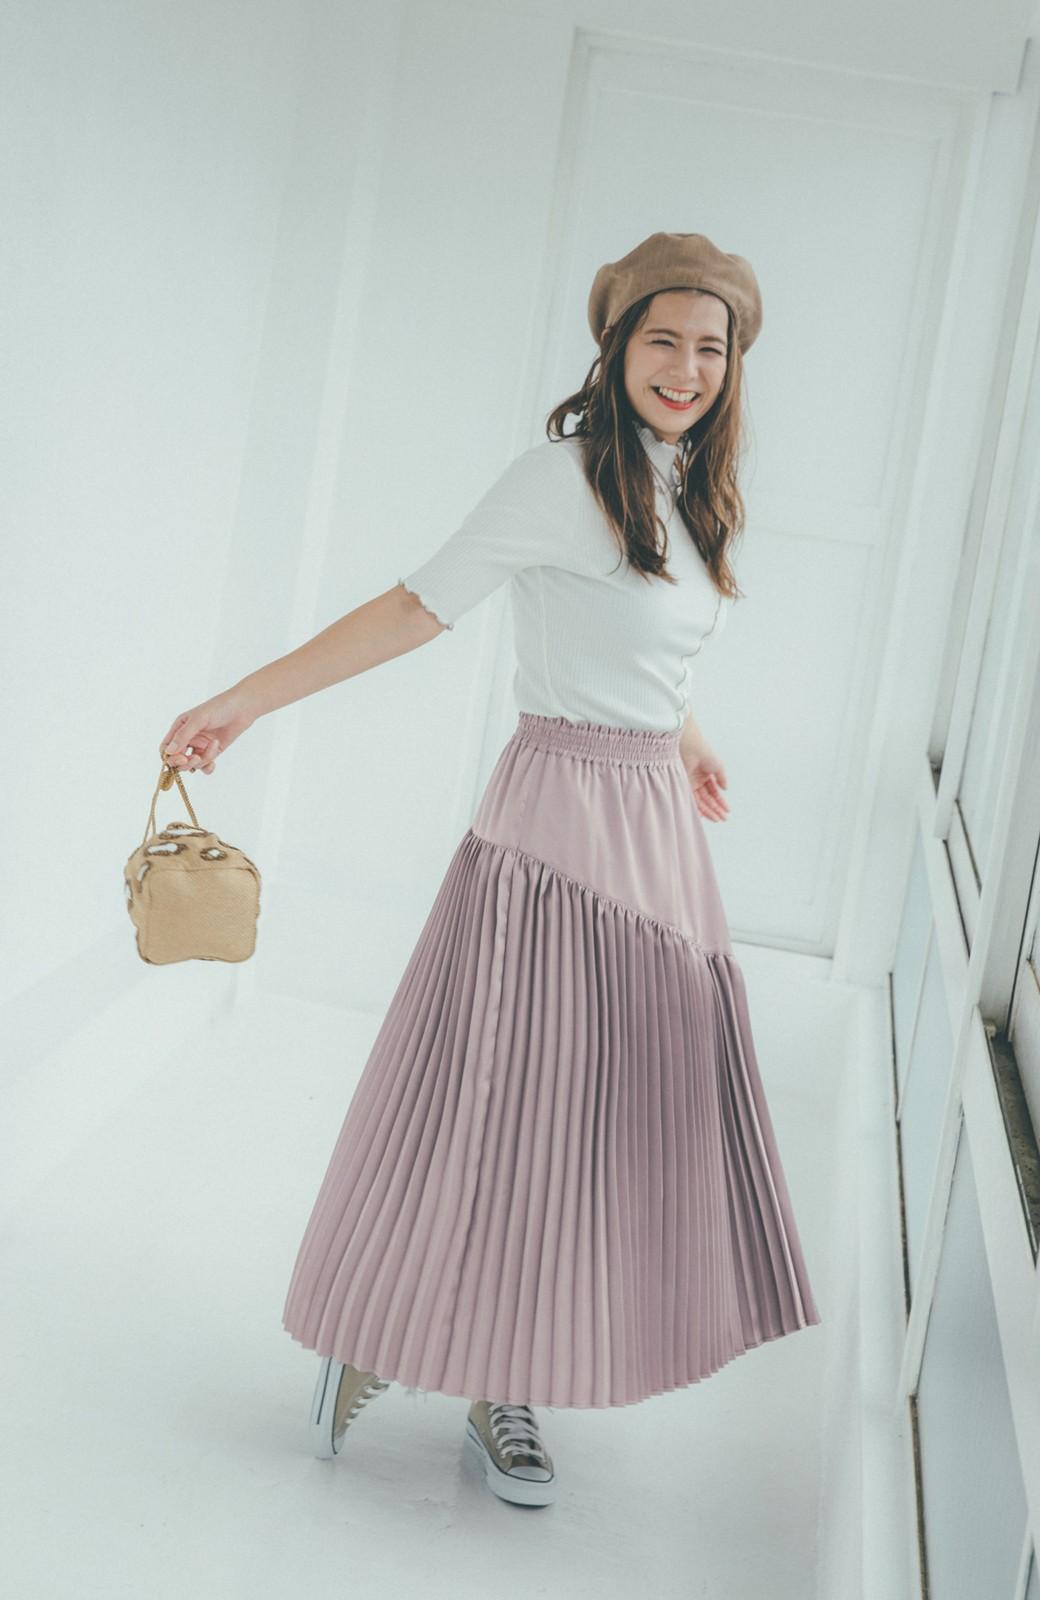 haco! 【スザンヌさんコラボ】スウェットもTシャツも着映えさせる!ラップデザイン風アシンメトリーサテンプリーツスカート by LOVE&PEACE PROJECT <スモークピンク>の商品写真11